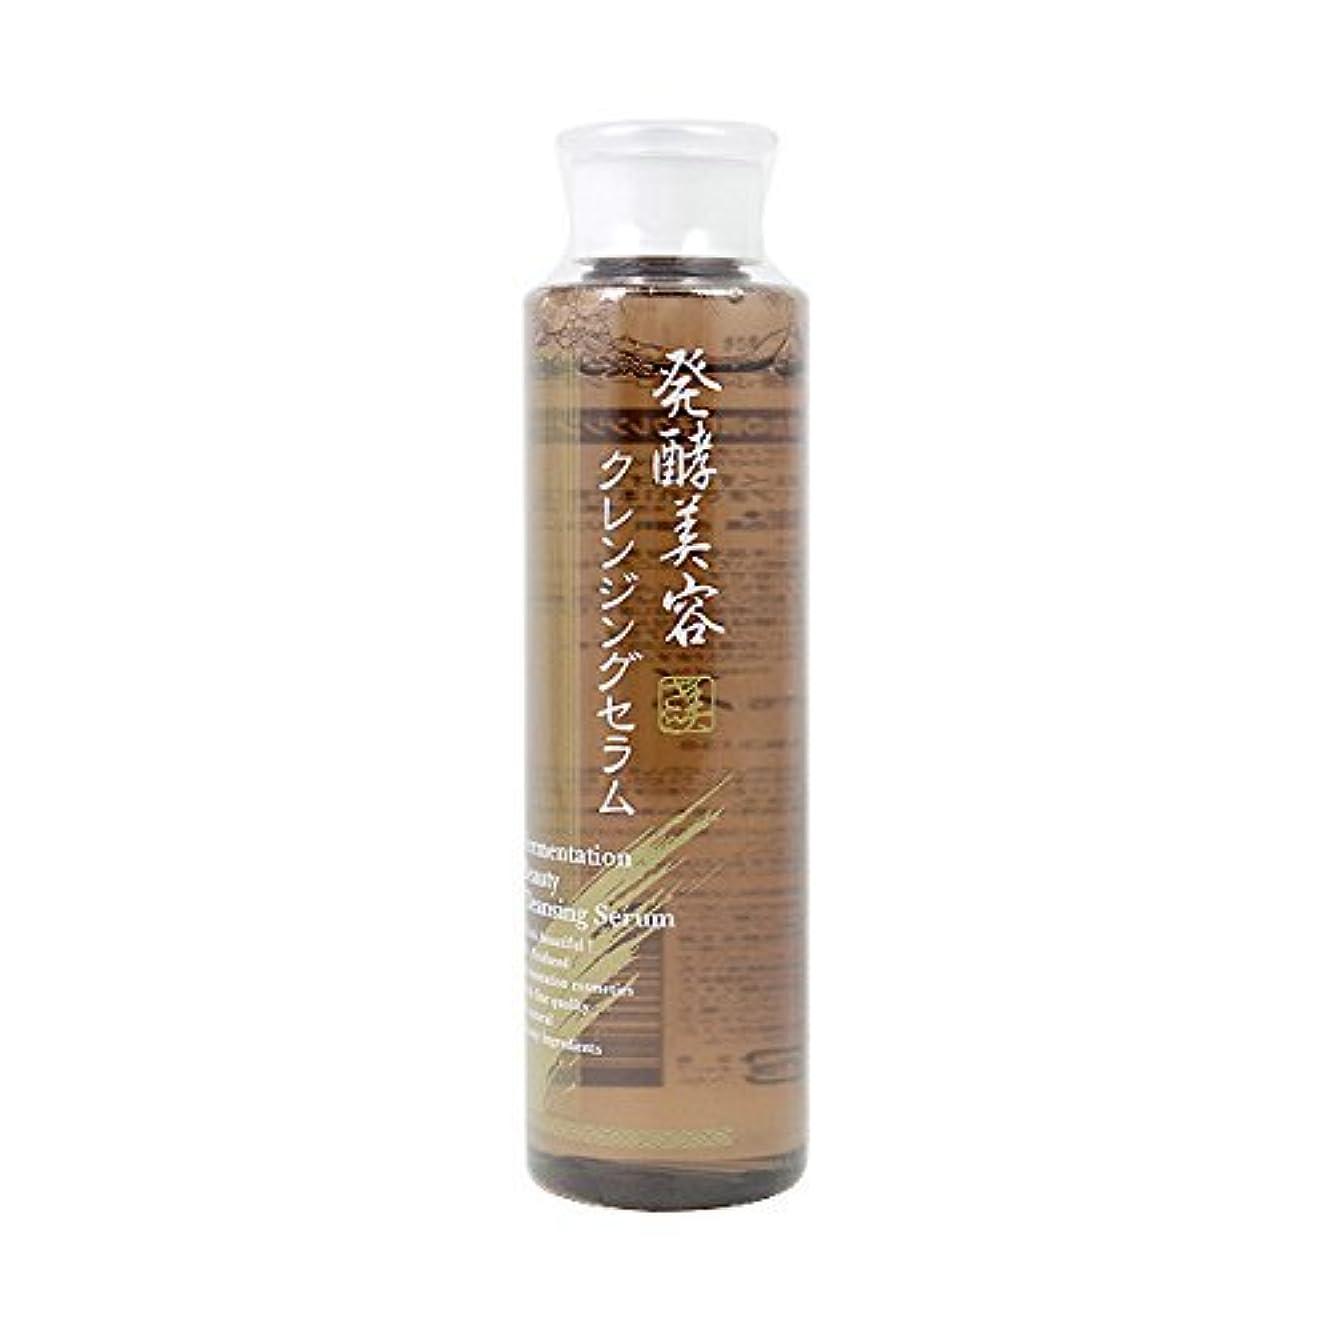 流体うまくやる()ビザシーヴァ 発酵美容 クレンジングセラム 200ml